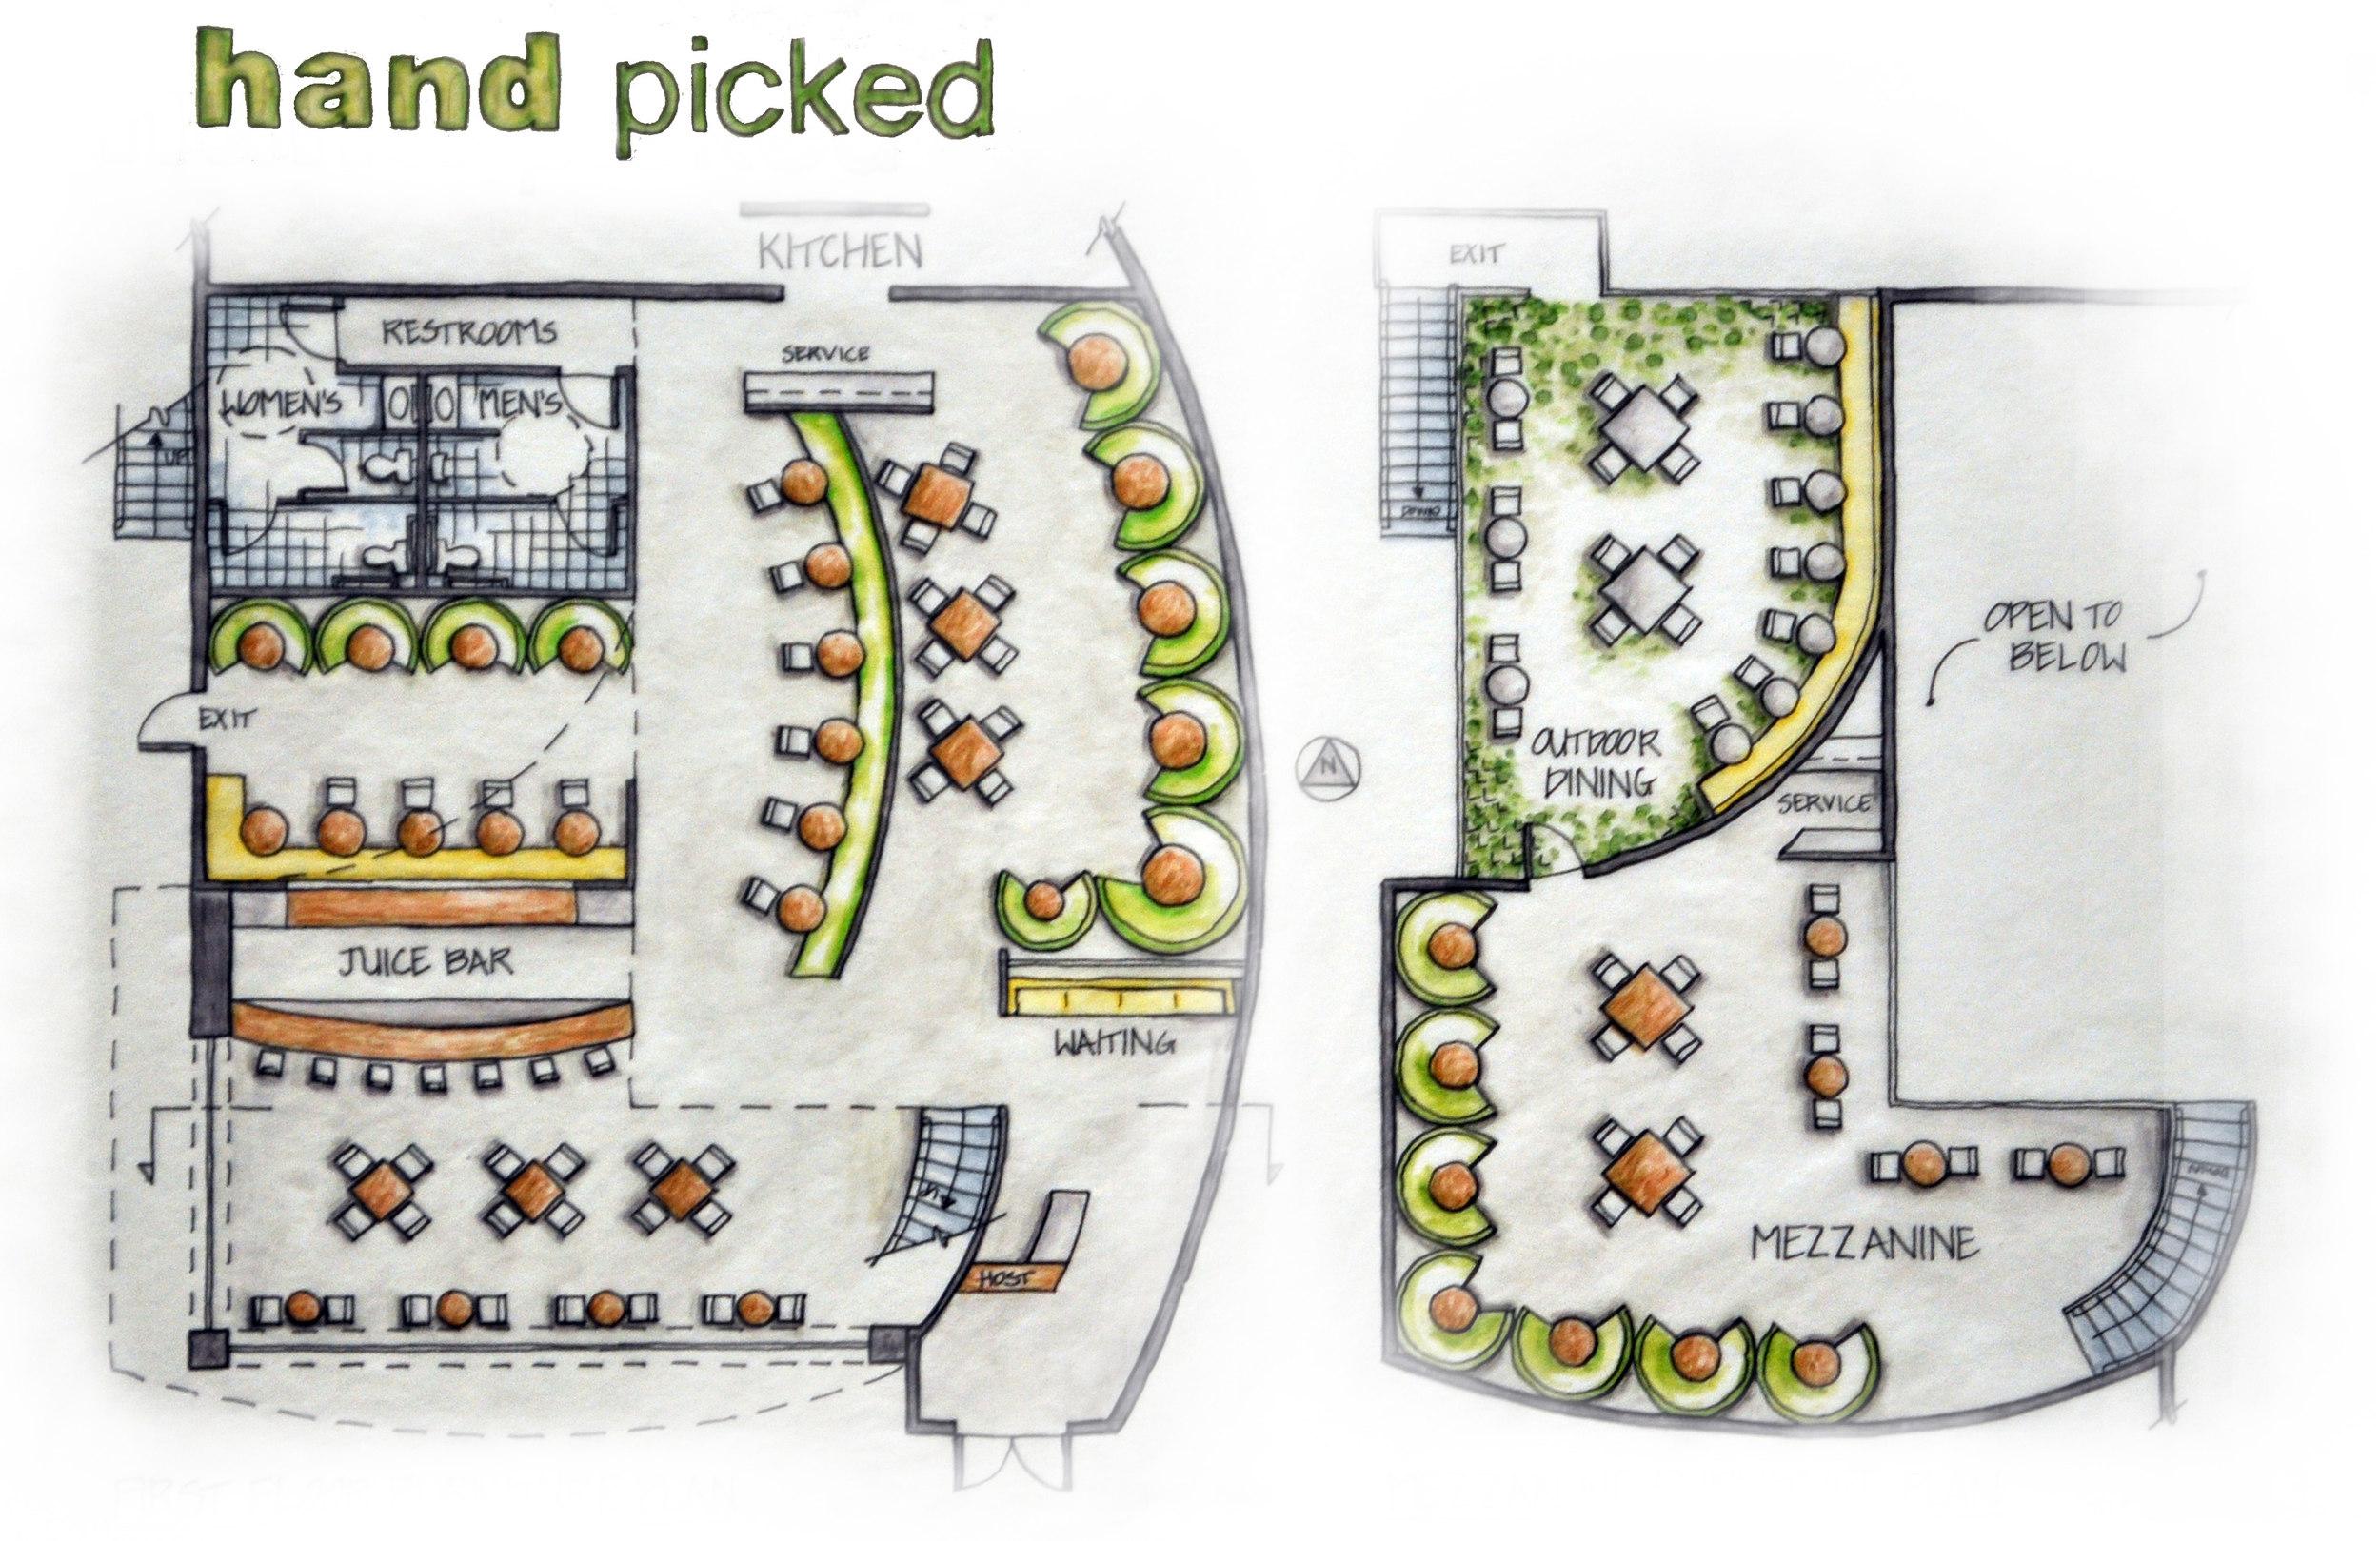 Hand Picked_RestaurantDesign_Page_1.jpg